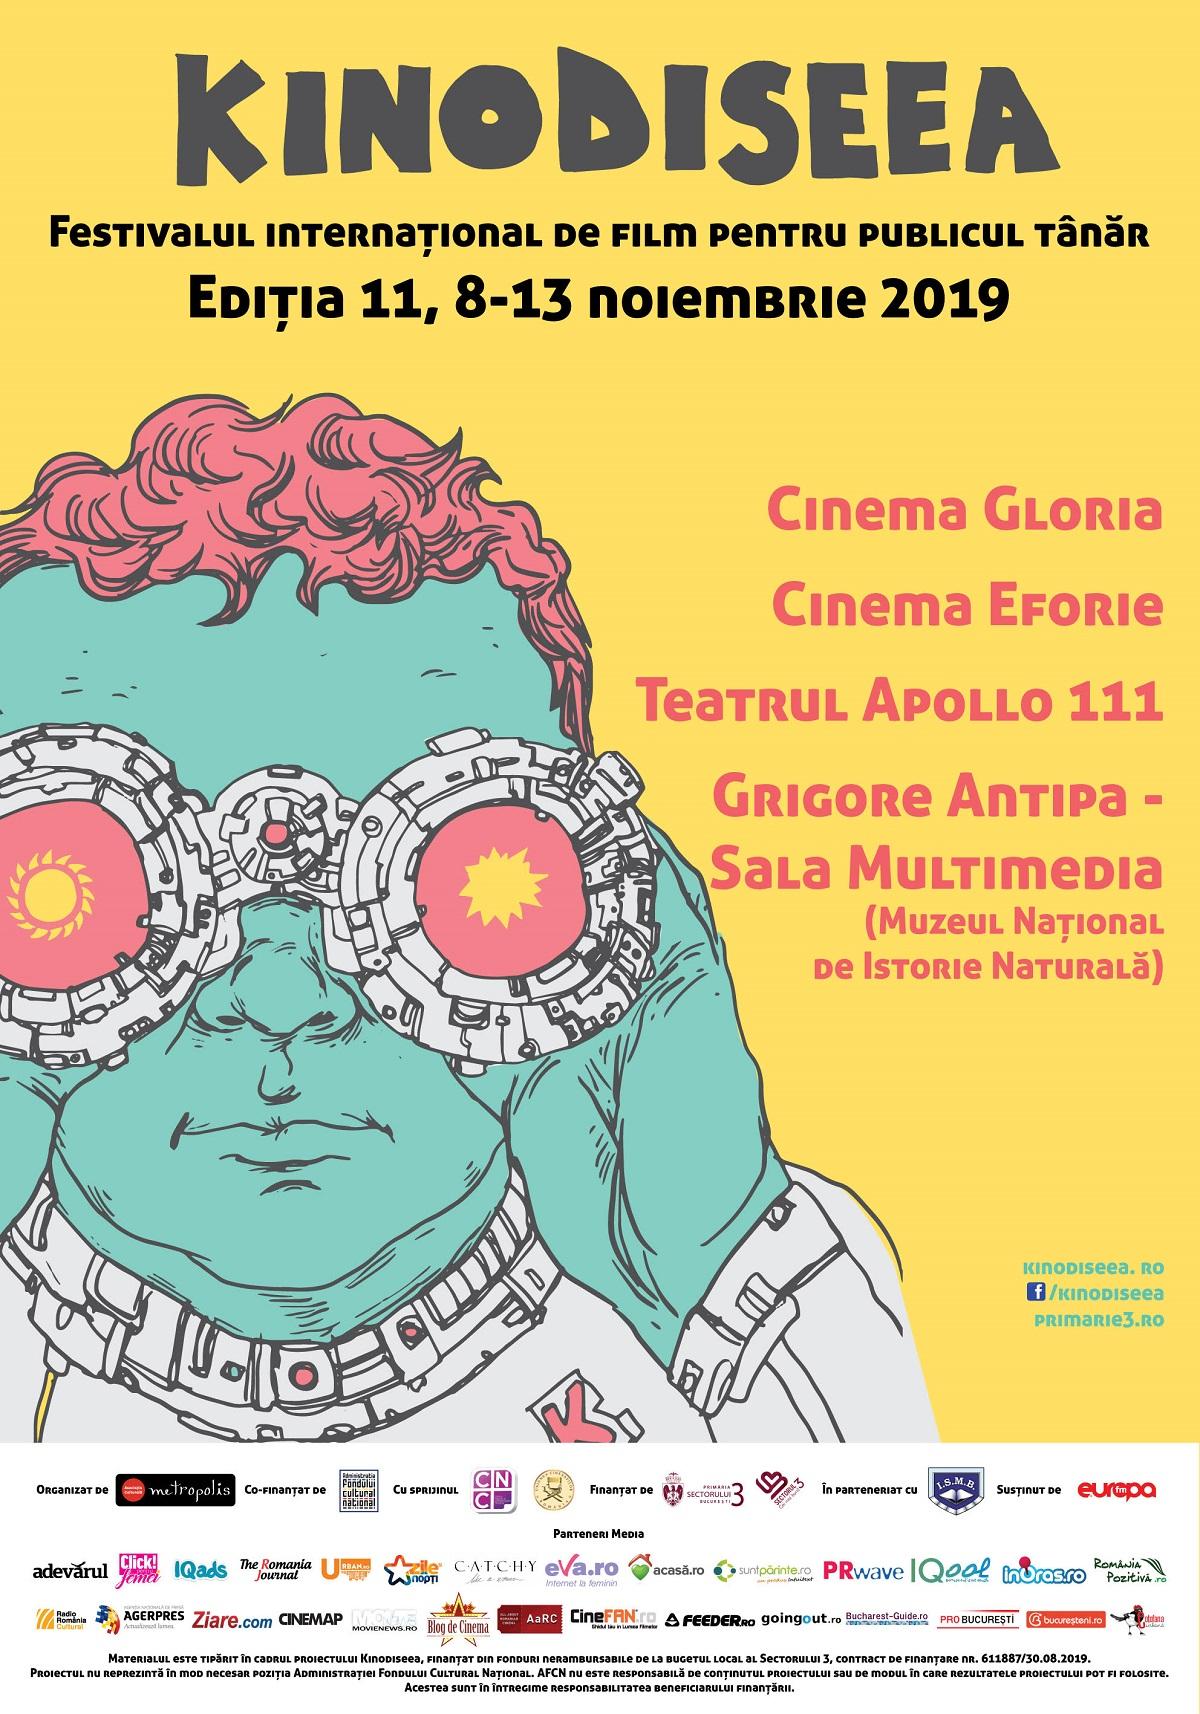 Festivalul Internațional de film KINOdiseea afiș